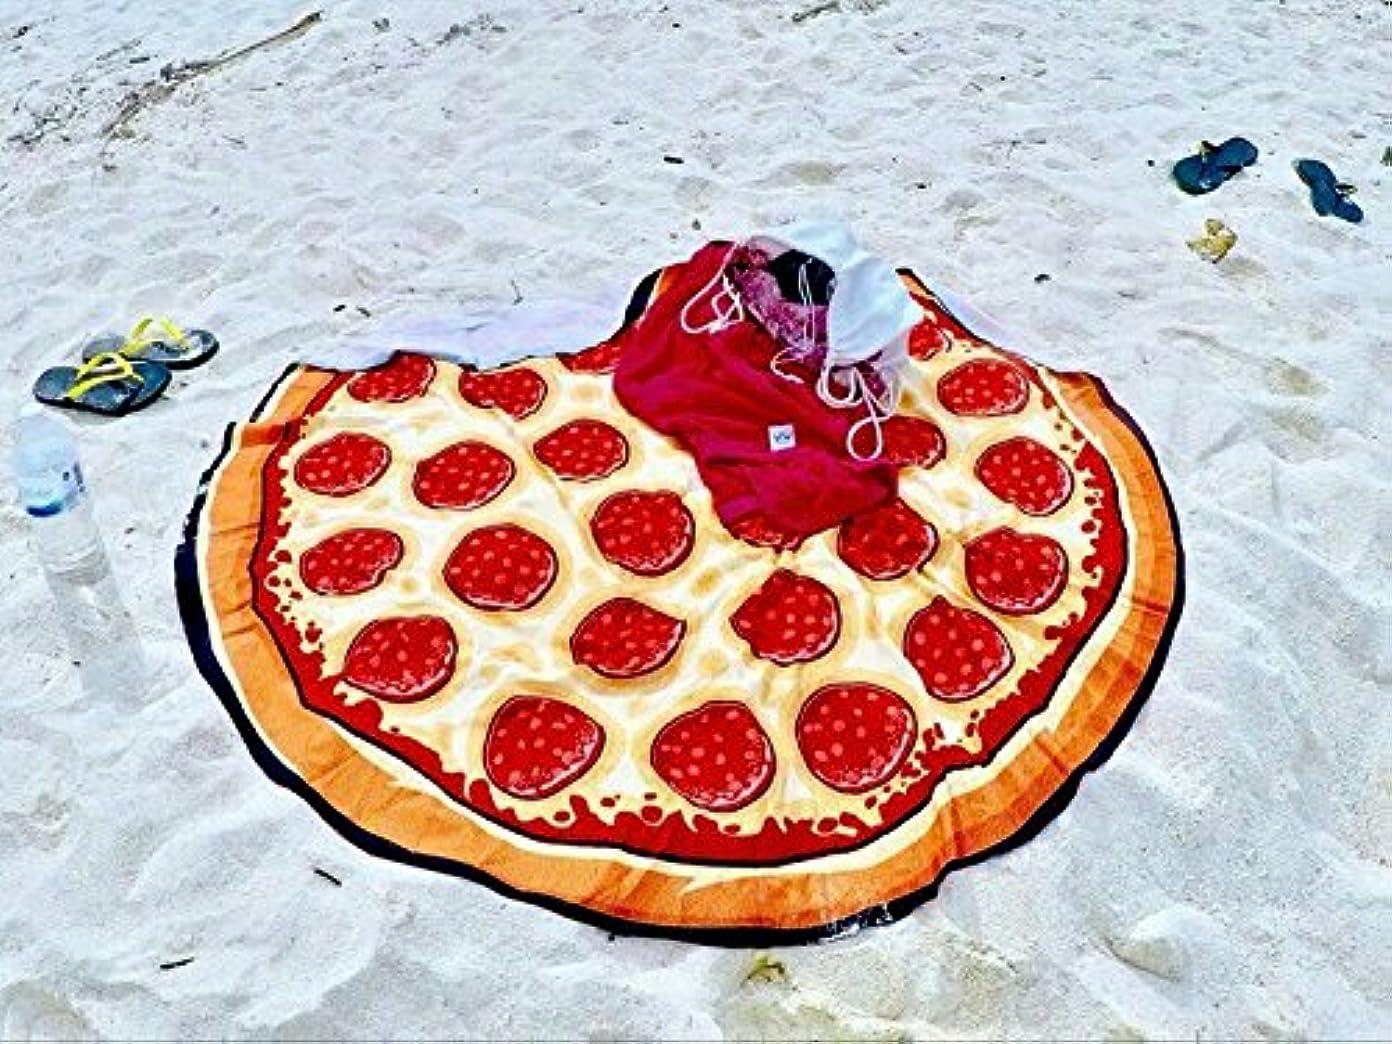 気性効果的にゆでる超可愛い ピザ 温泉スカーフ 水泳スカーフ おしゃれラウンドビーチスカーフ ビーチレジャーシートピクニック(pizza)